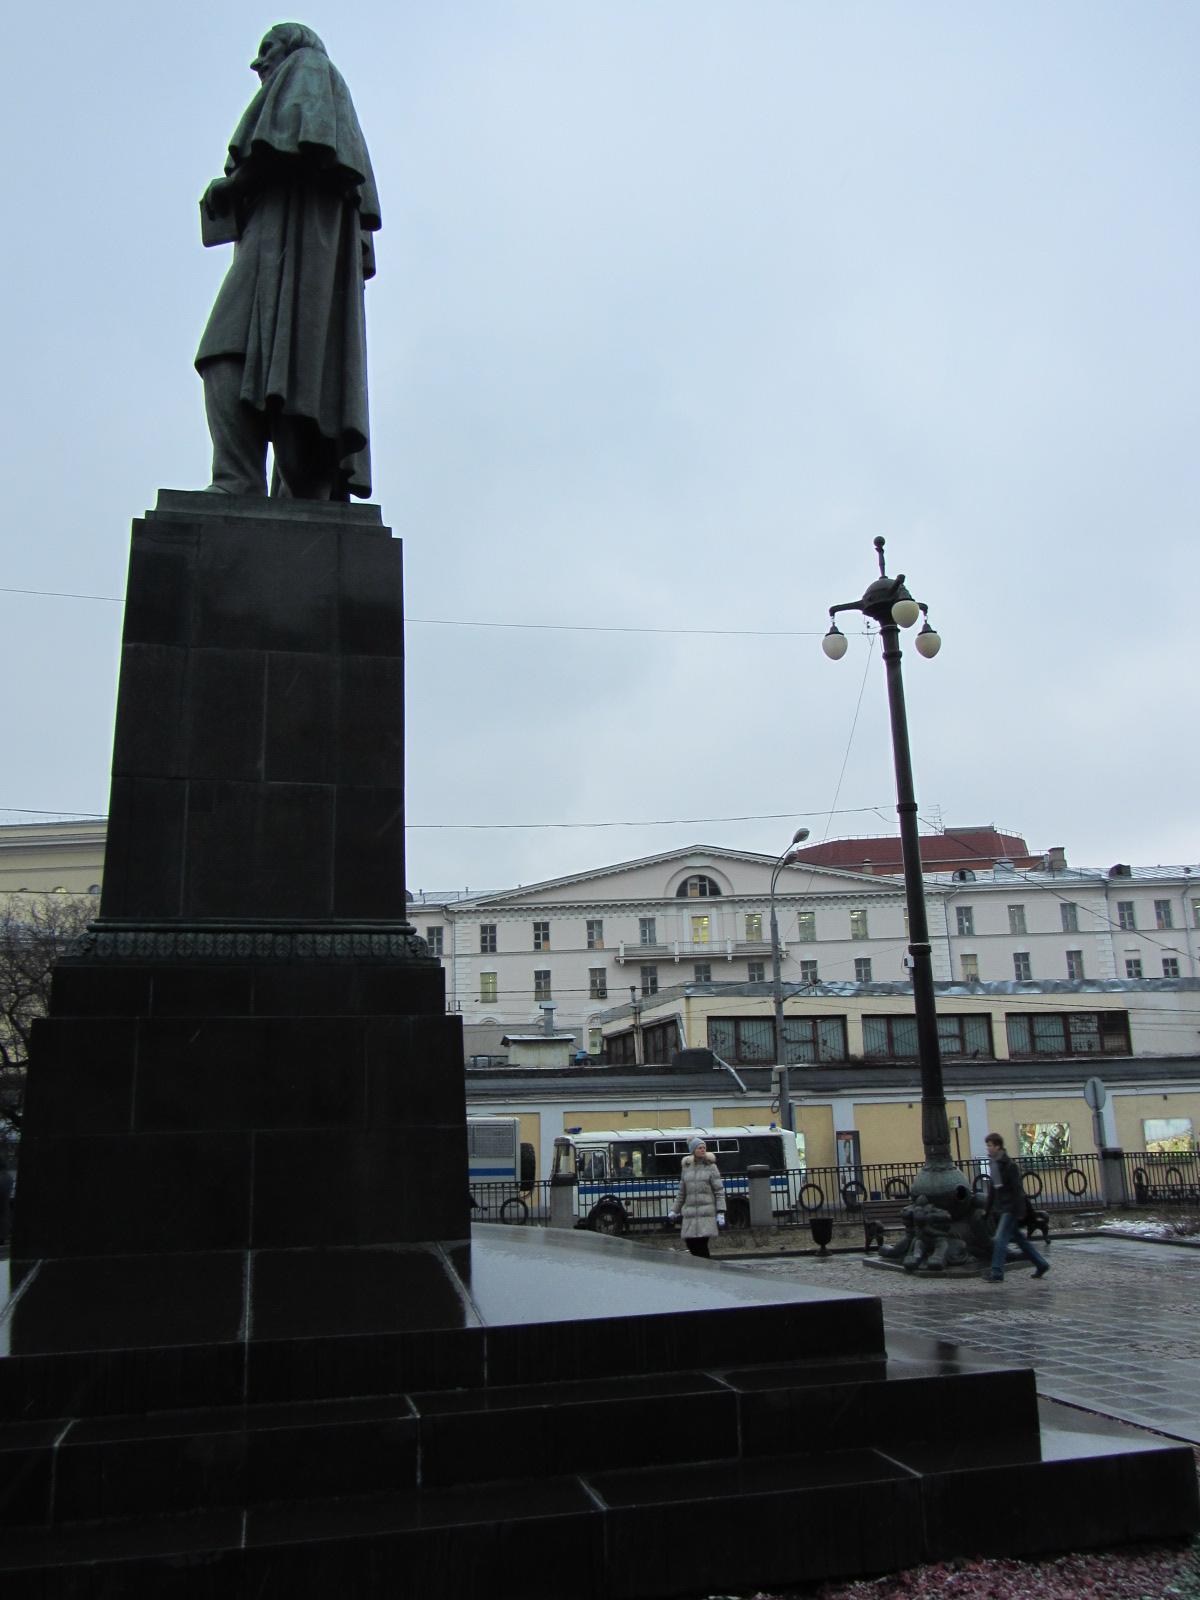 и Гоголя тоже арестовать могли - он же украинец